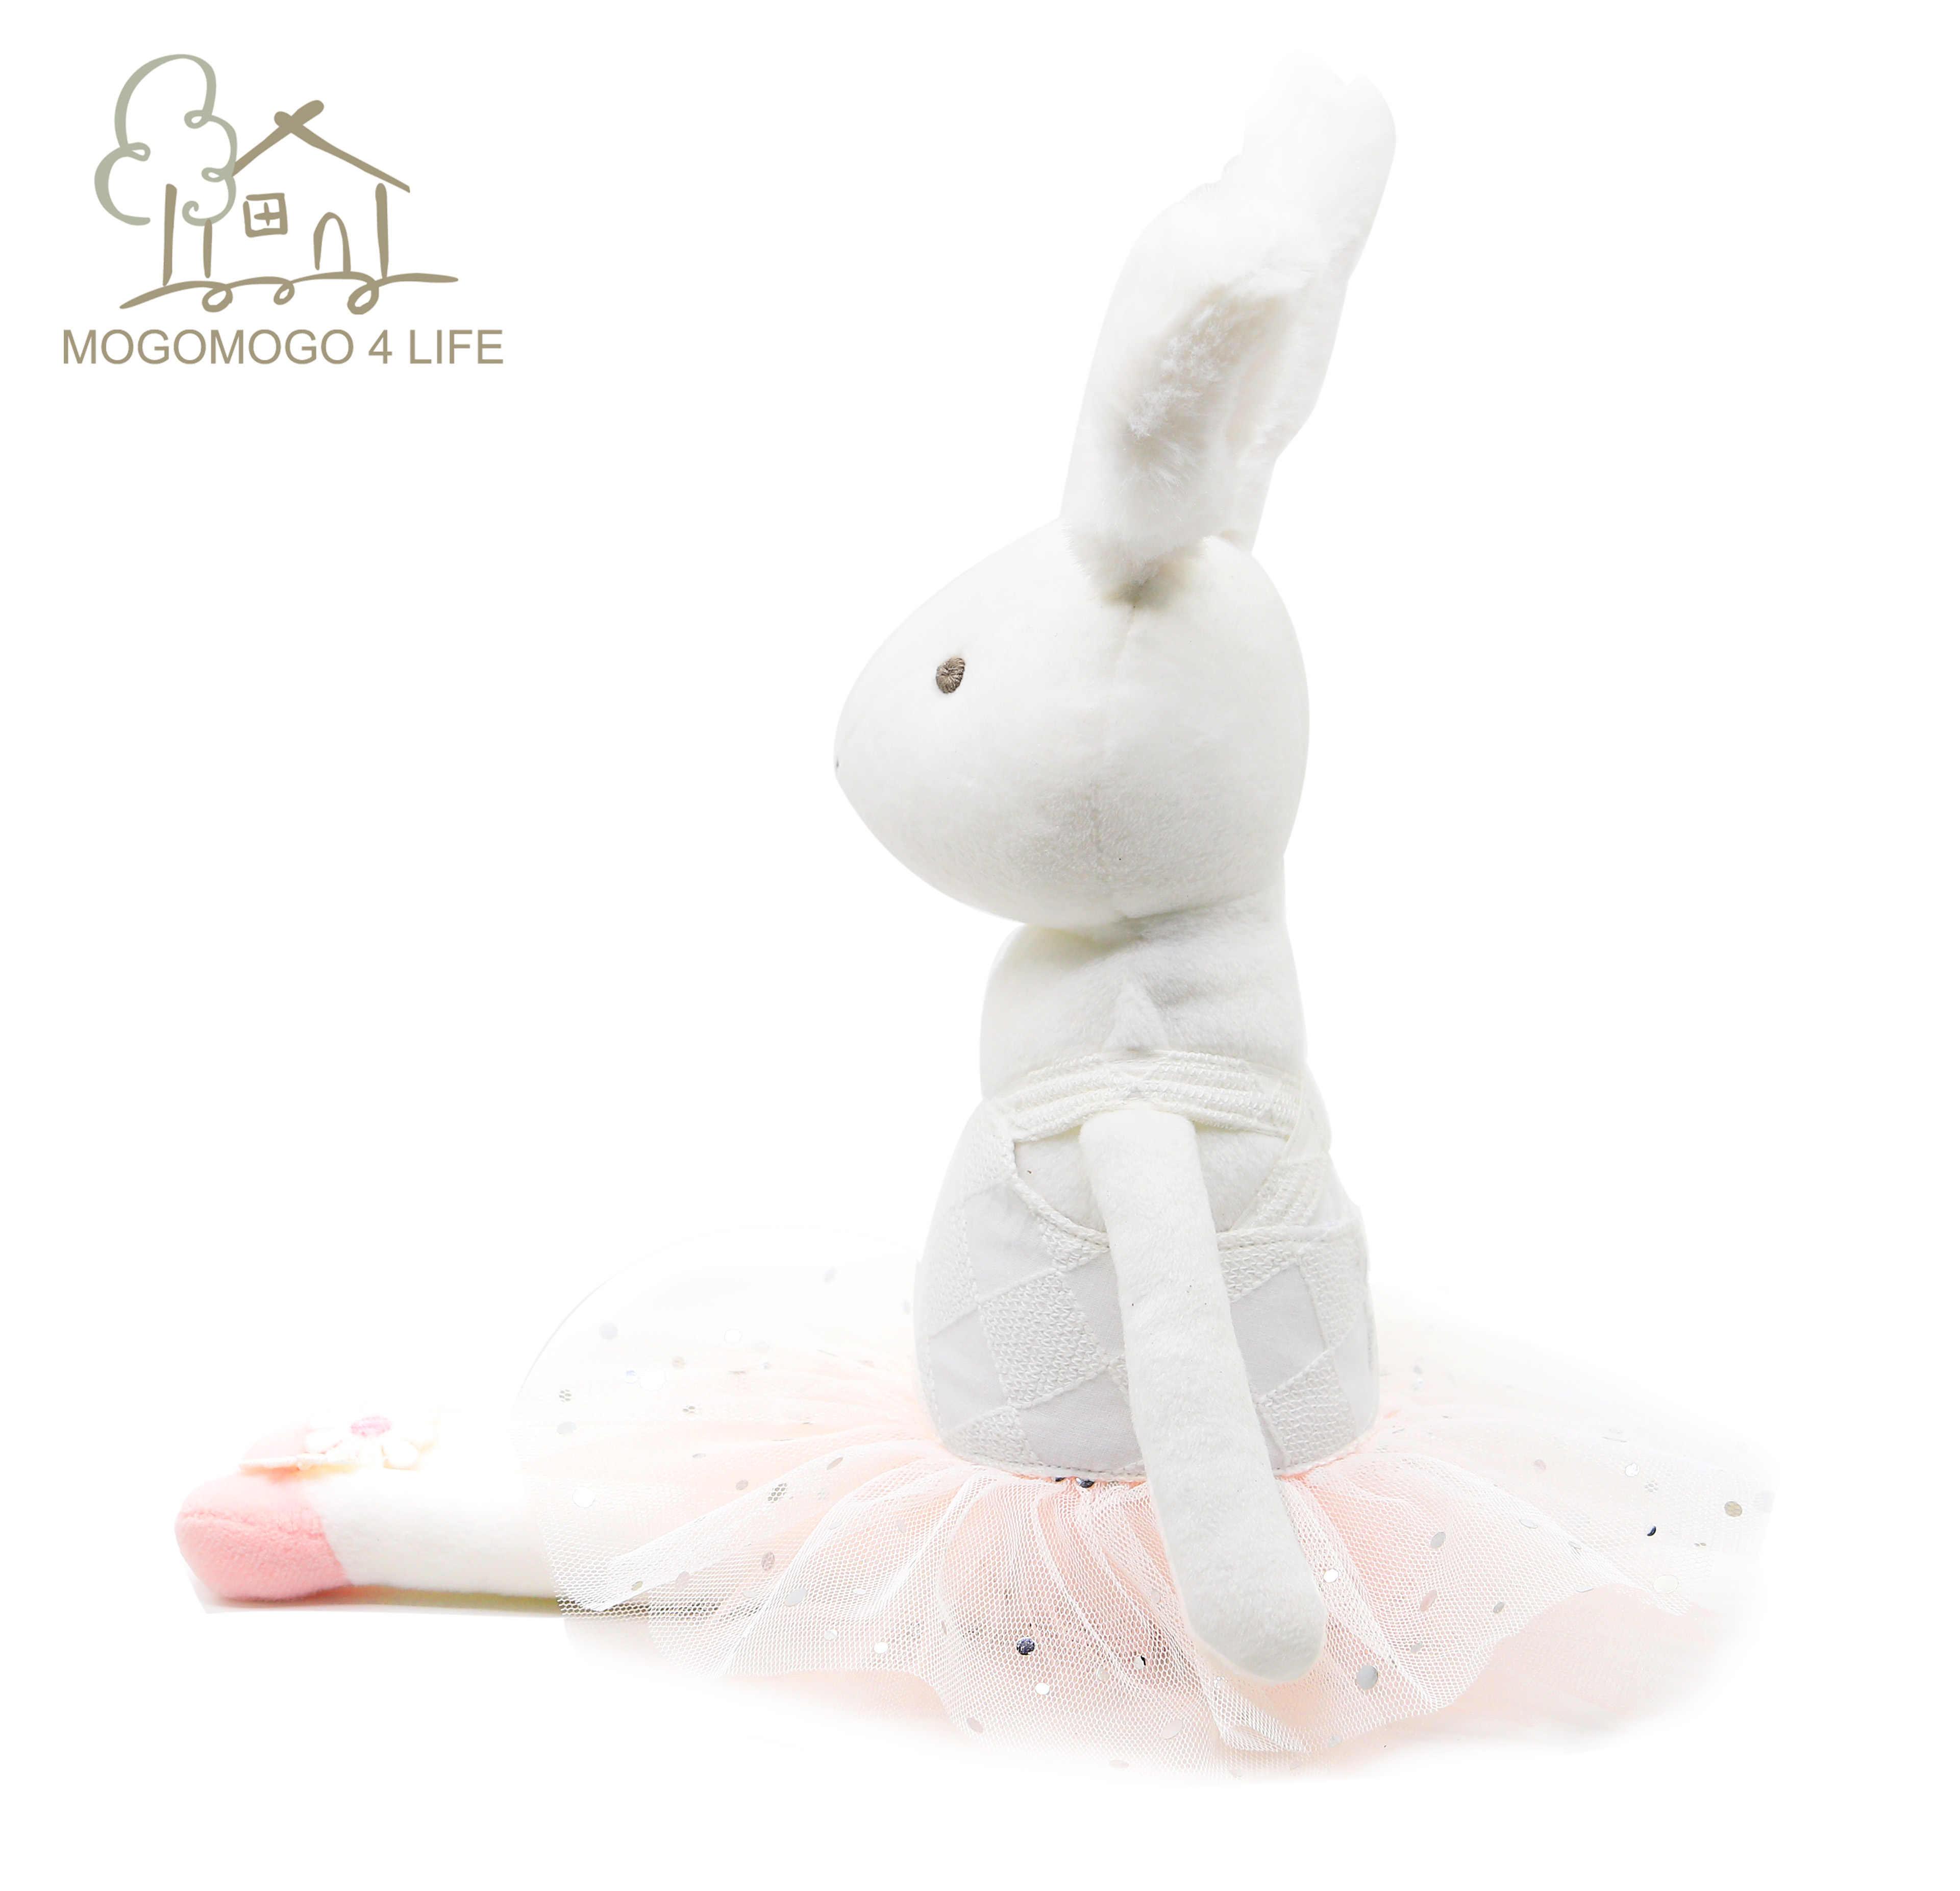 Luksusowy biały gruby króliczek pluszowy z różowym Tutu dziecko sen przytulić zabawki piękny Snuggly baleriny lalka króliczek księżniczka lalka króliczek